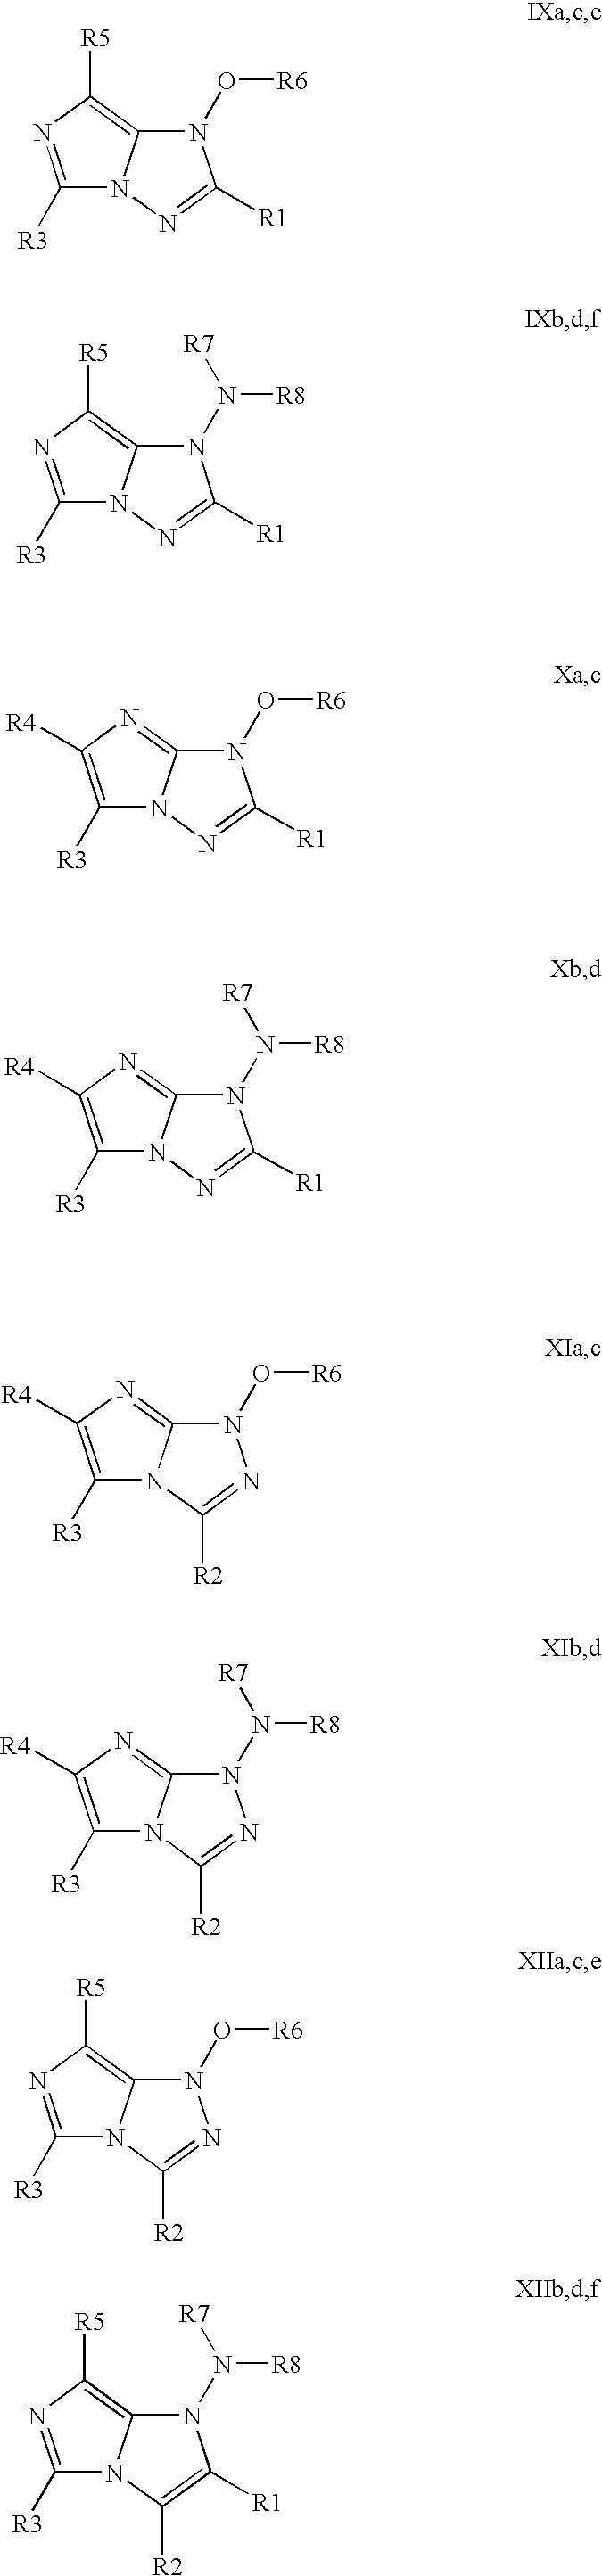 Figure US20060156483A1-20060720-C00018